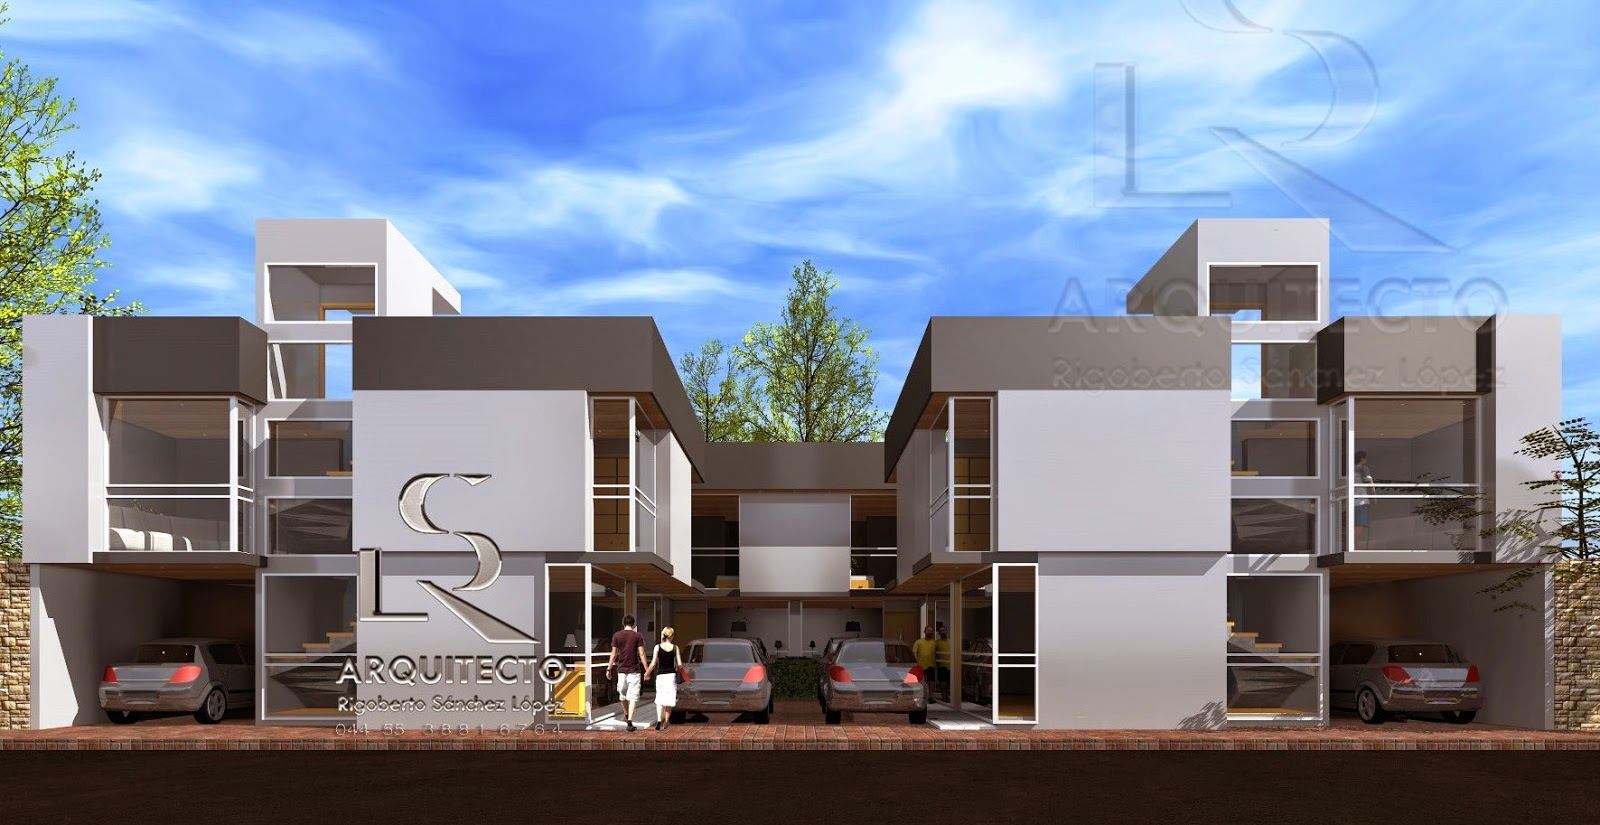 Diseo exteriores w diseo moderno lamparas modernas ip led for Casas modernas recorrido virtual